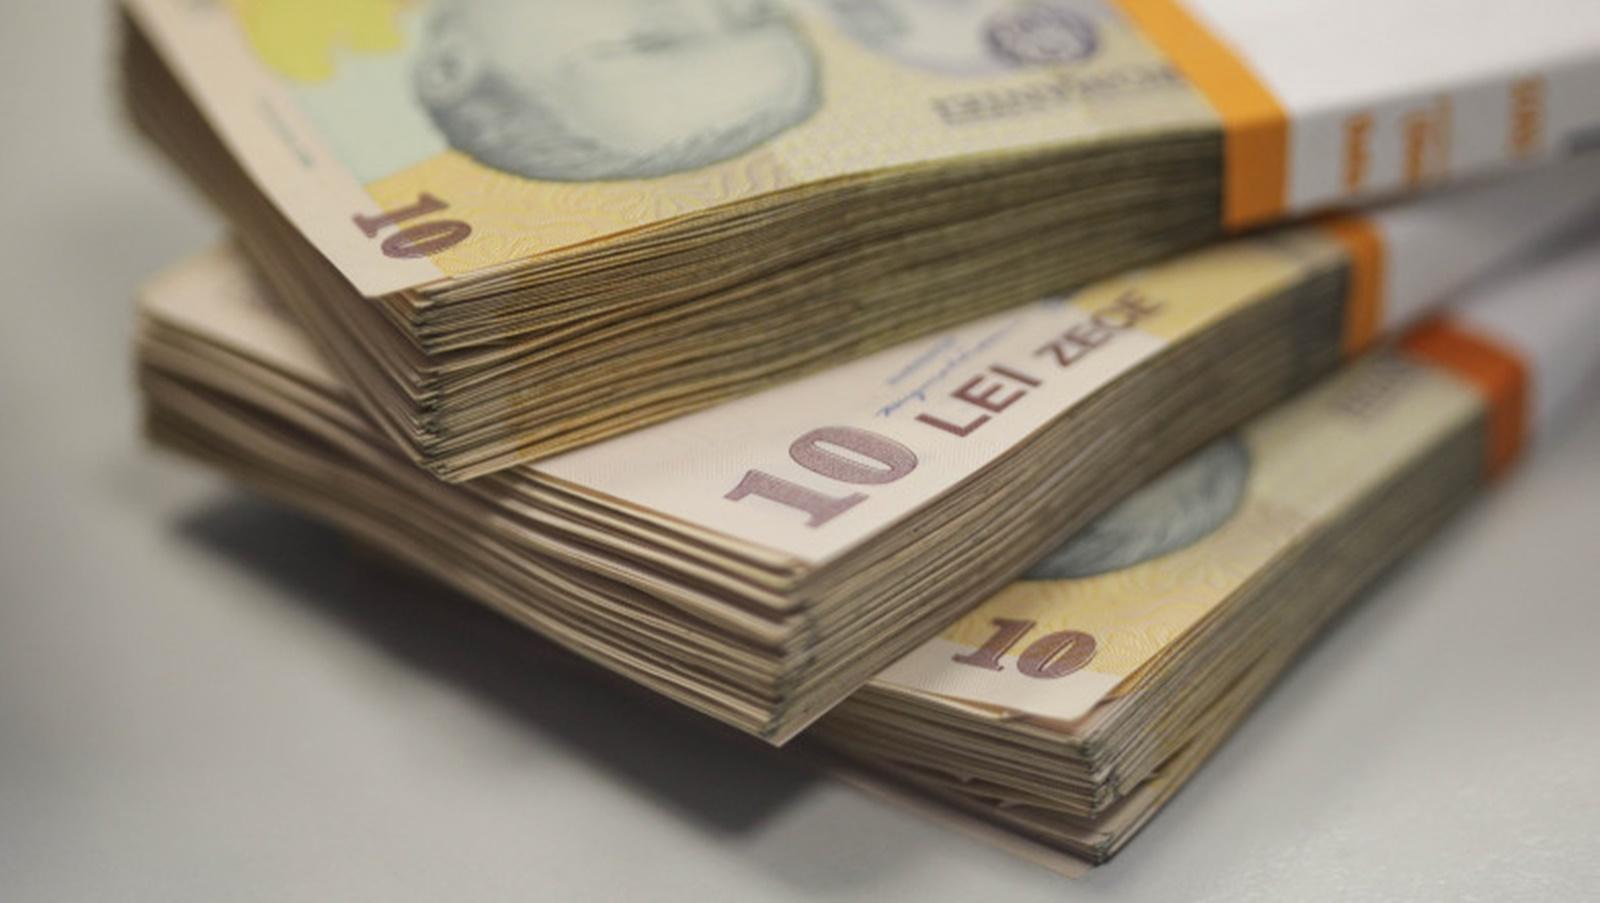 Salarii, alocații și pensii 2021. Ce se întâmplă în România de la 1 ianuarie